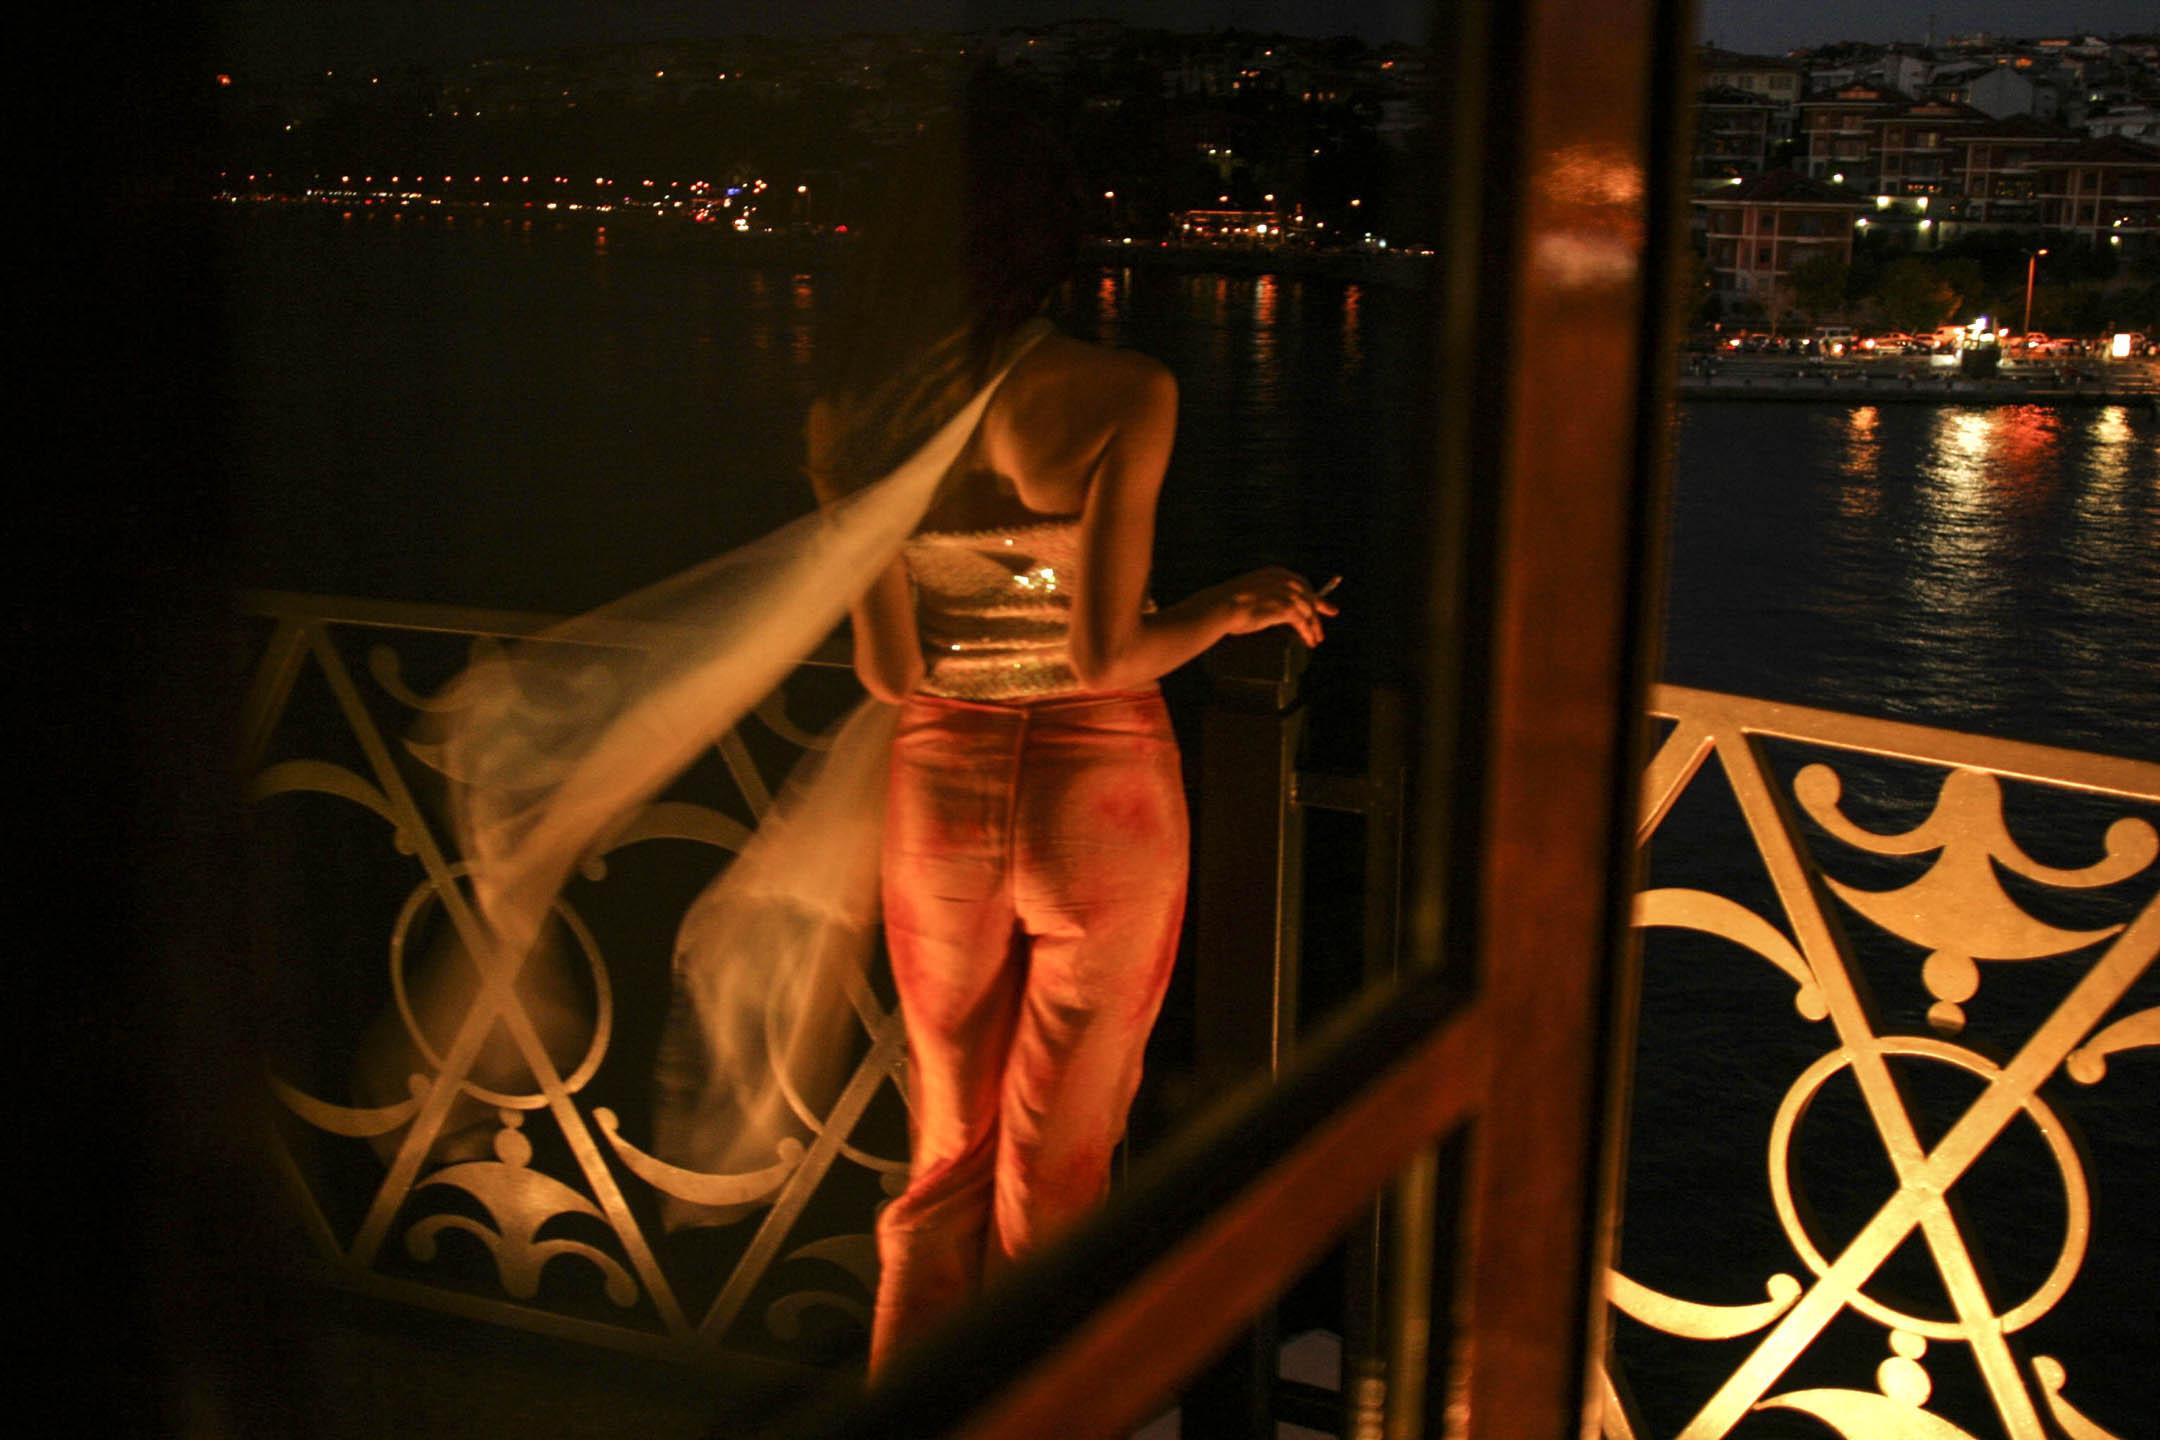 那些年,我們攬下七宗罪:貪婪、傲慢、忌妒、憤怒、怠惰、暴食與色慾,虐戀彼此並樂在其中。圖為一位女人出席在土耳其伊斯坦堡的一個婚禮上。 攝:Yoray Liberman/Getty Images